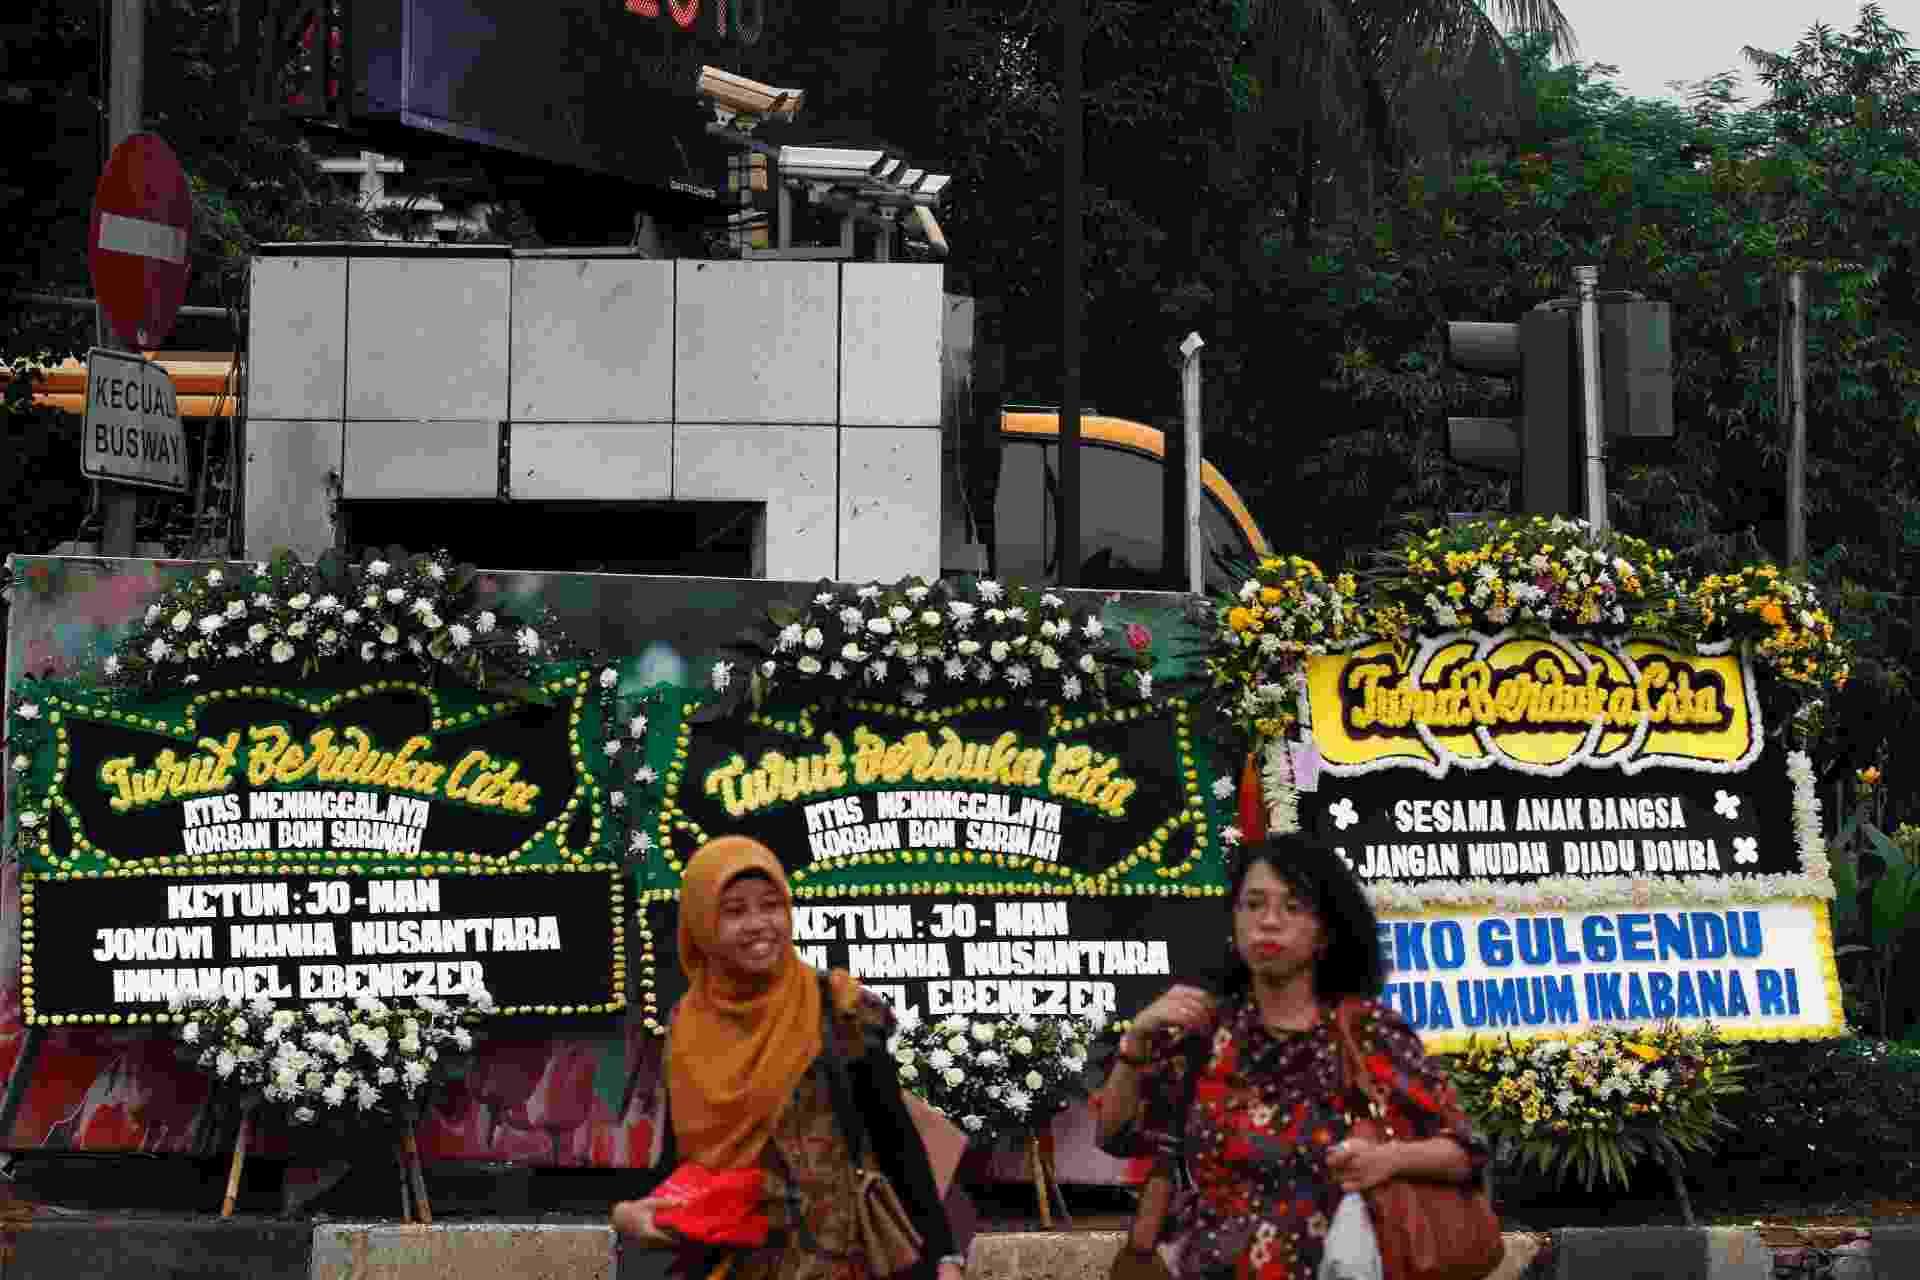 15.jan.2016 - Indonésias passam diante de homenagens florais instaladas no local dos ataques realizados ontem por terroristas no centro de Jacarta (Indonésia). A Austrália ofereceu apoio militar à Indonésia após o ataque que deixou dois civis e cinco terroristas mortos. Nesta sexta-feira, três pessoas foram detidas suspeitas de envolvimento no ataque - Roni-Bintang/Efe